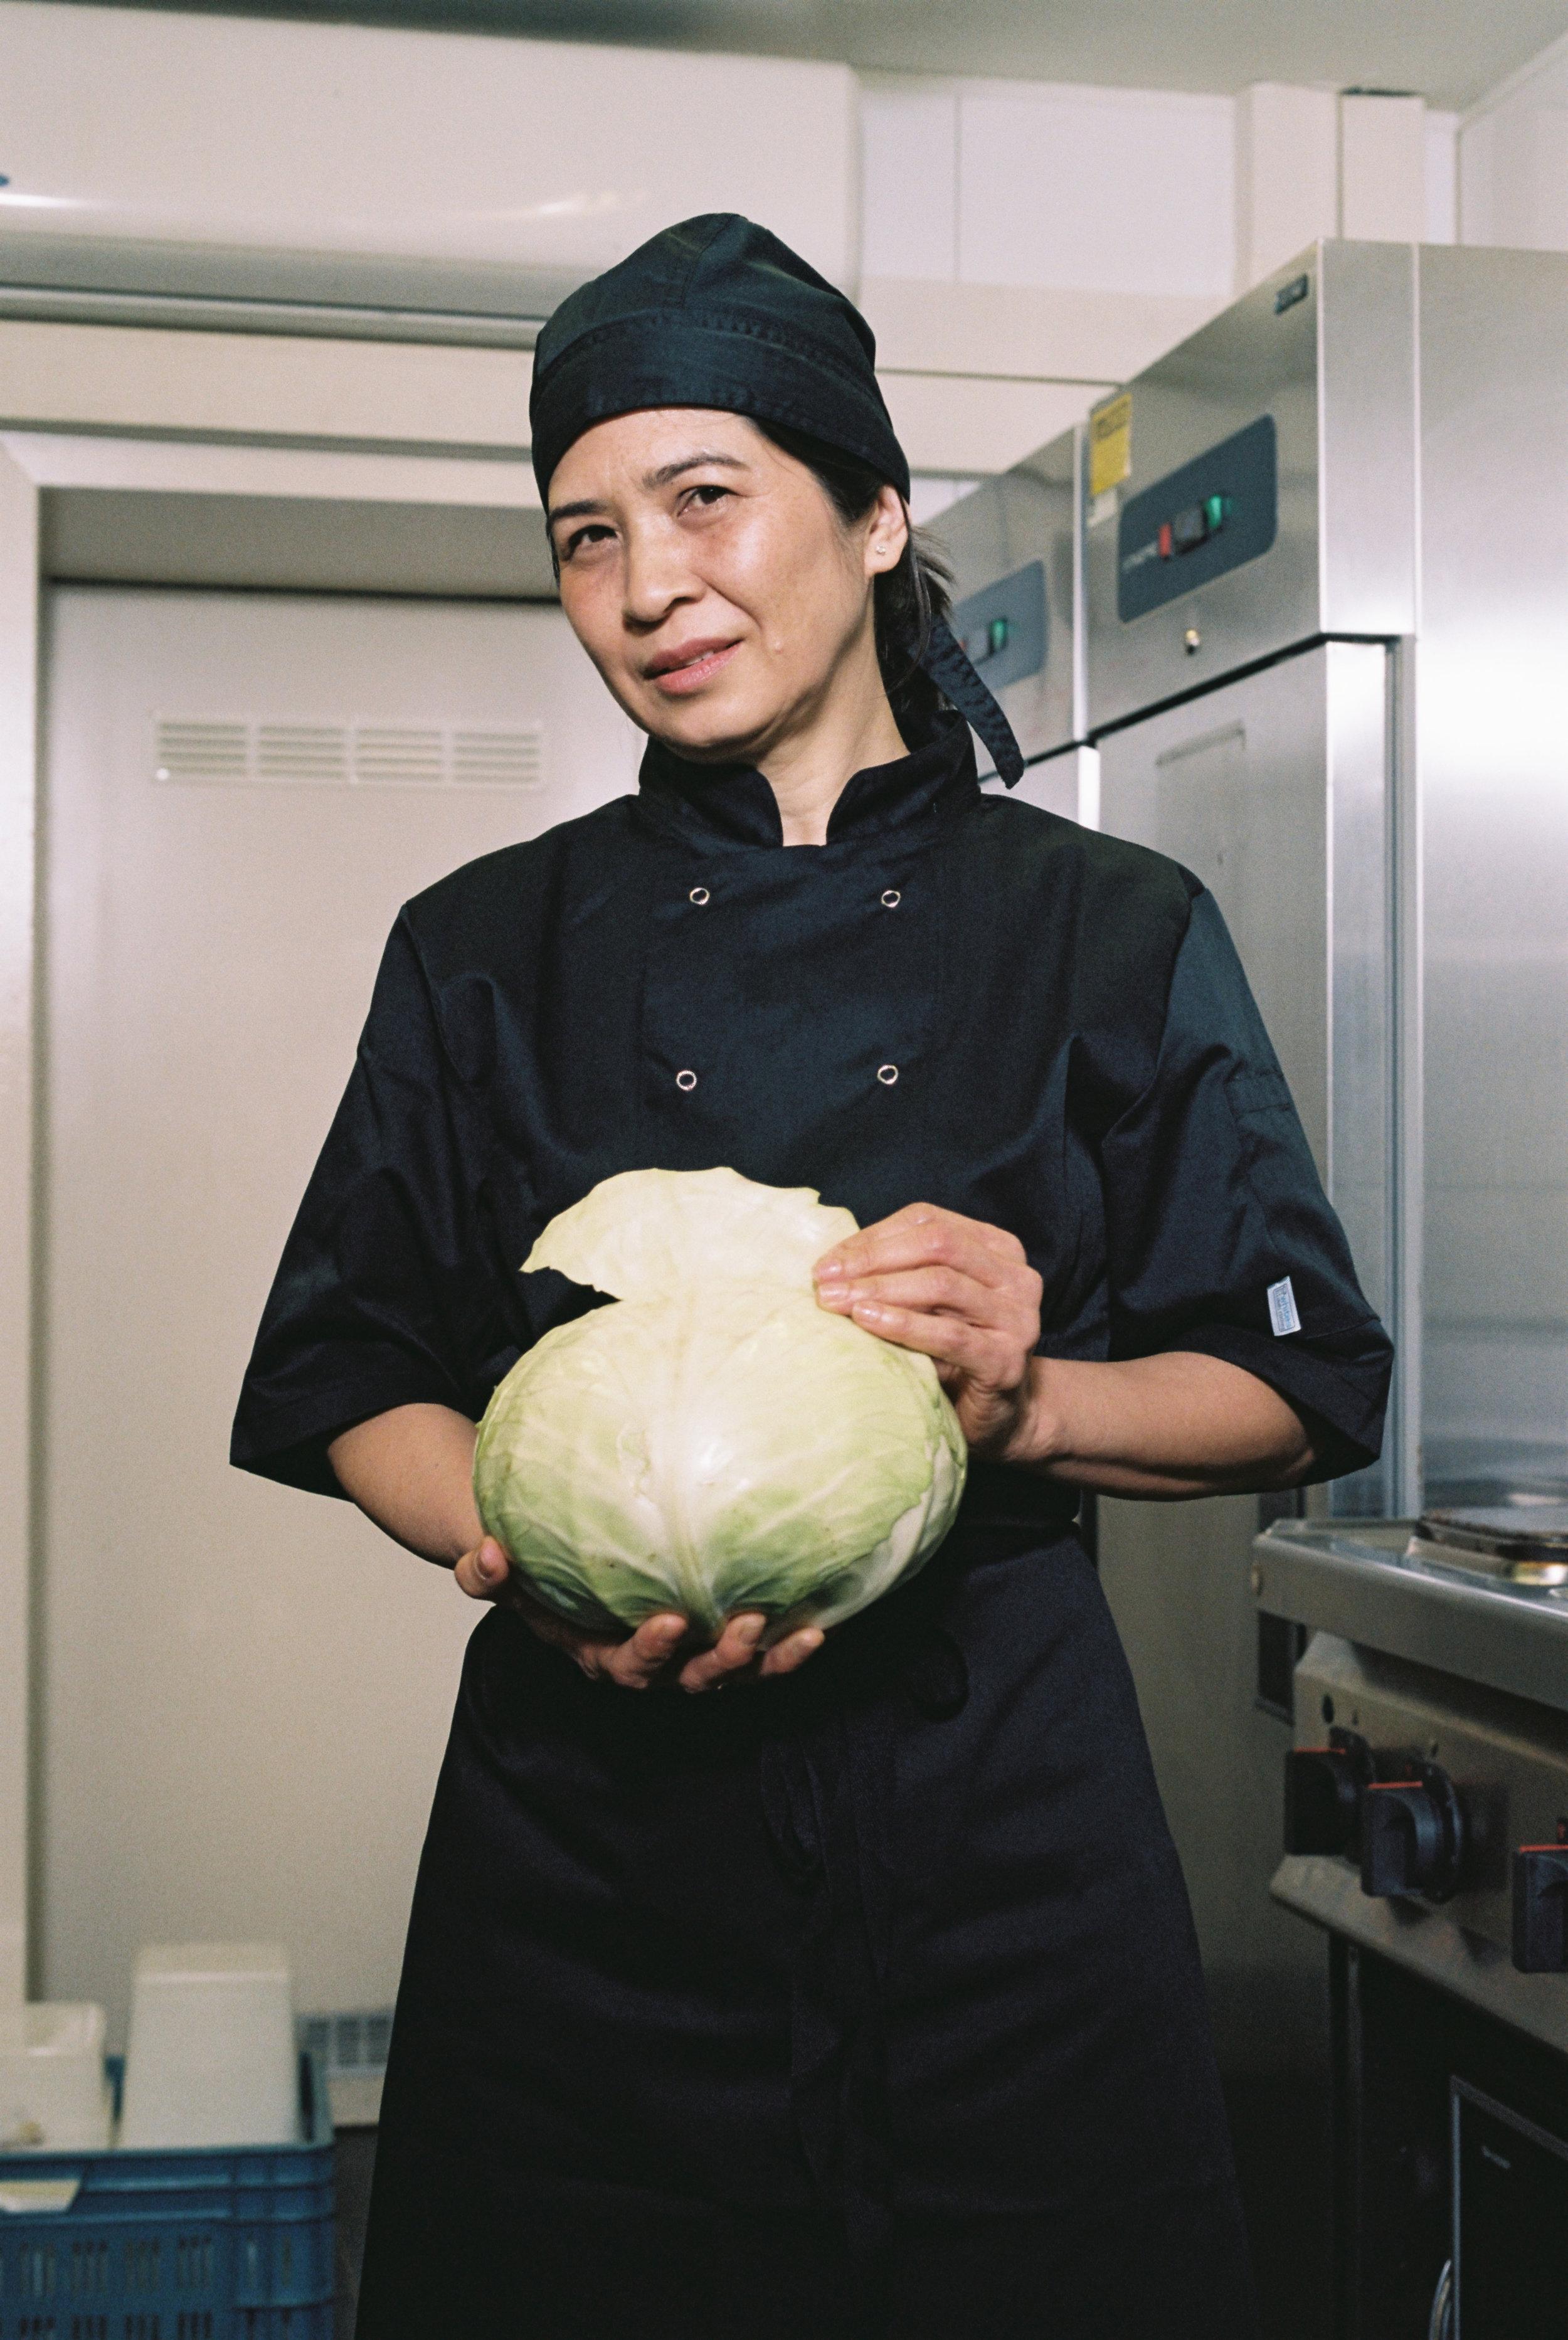 Phuong - Team Bailli